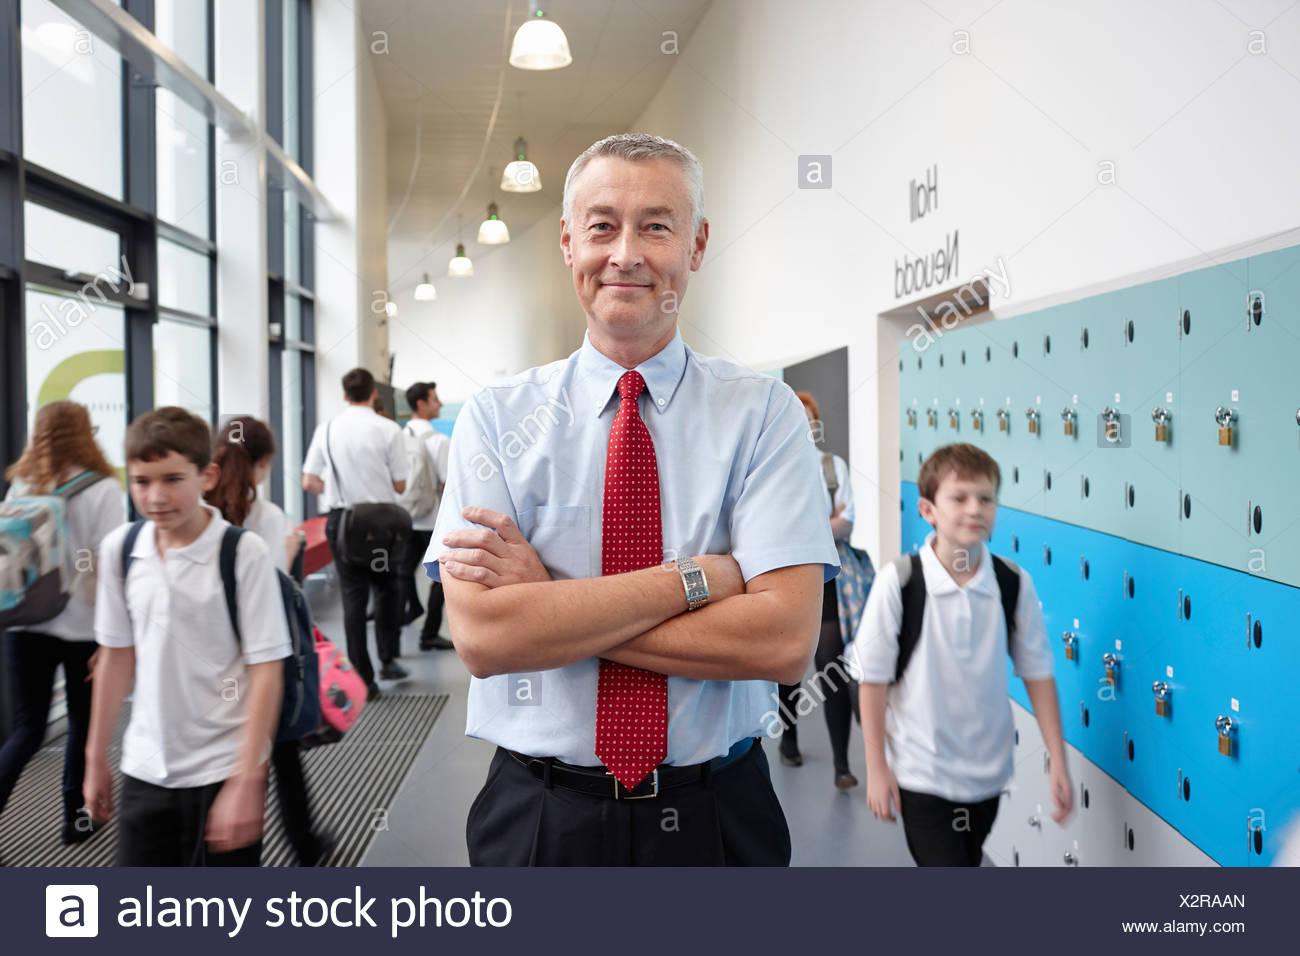 Porträt von männlichen Lehrer mit auf Schule Flur verschränkten Armen Stockbild